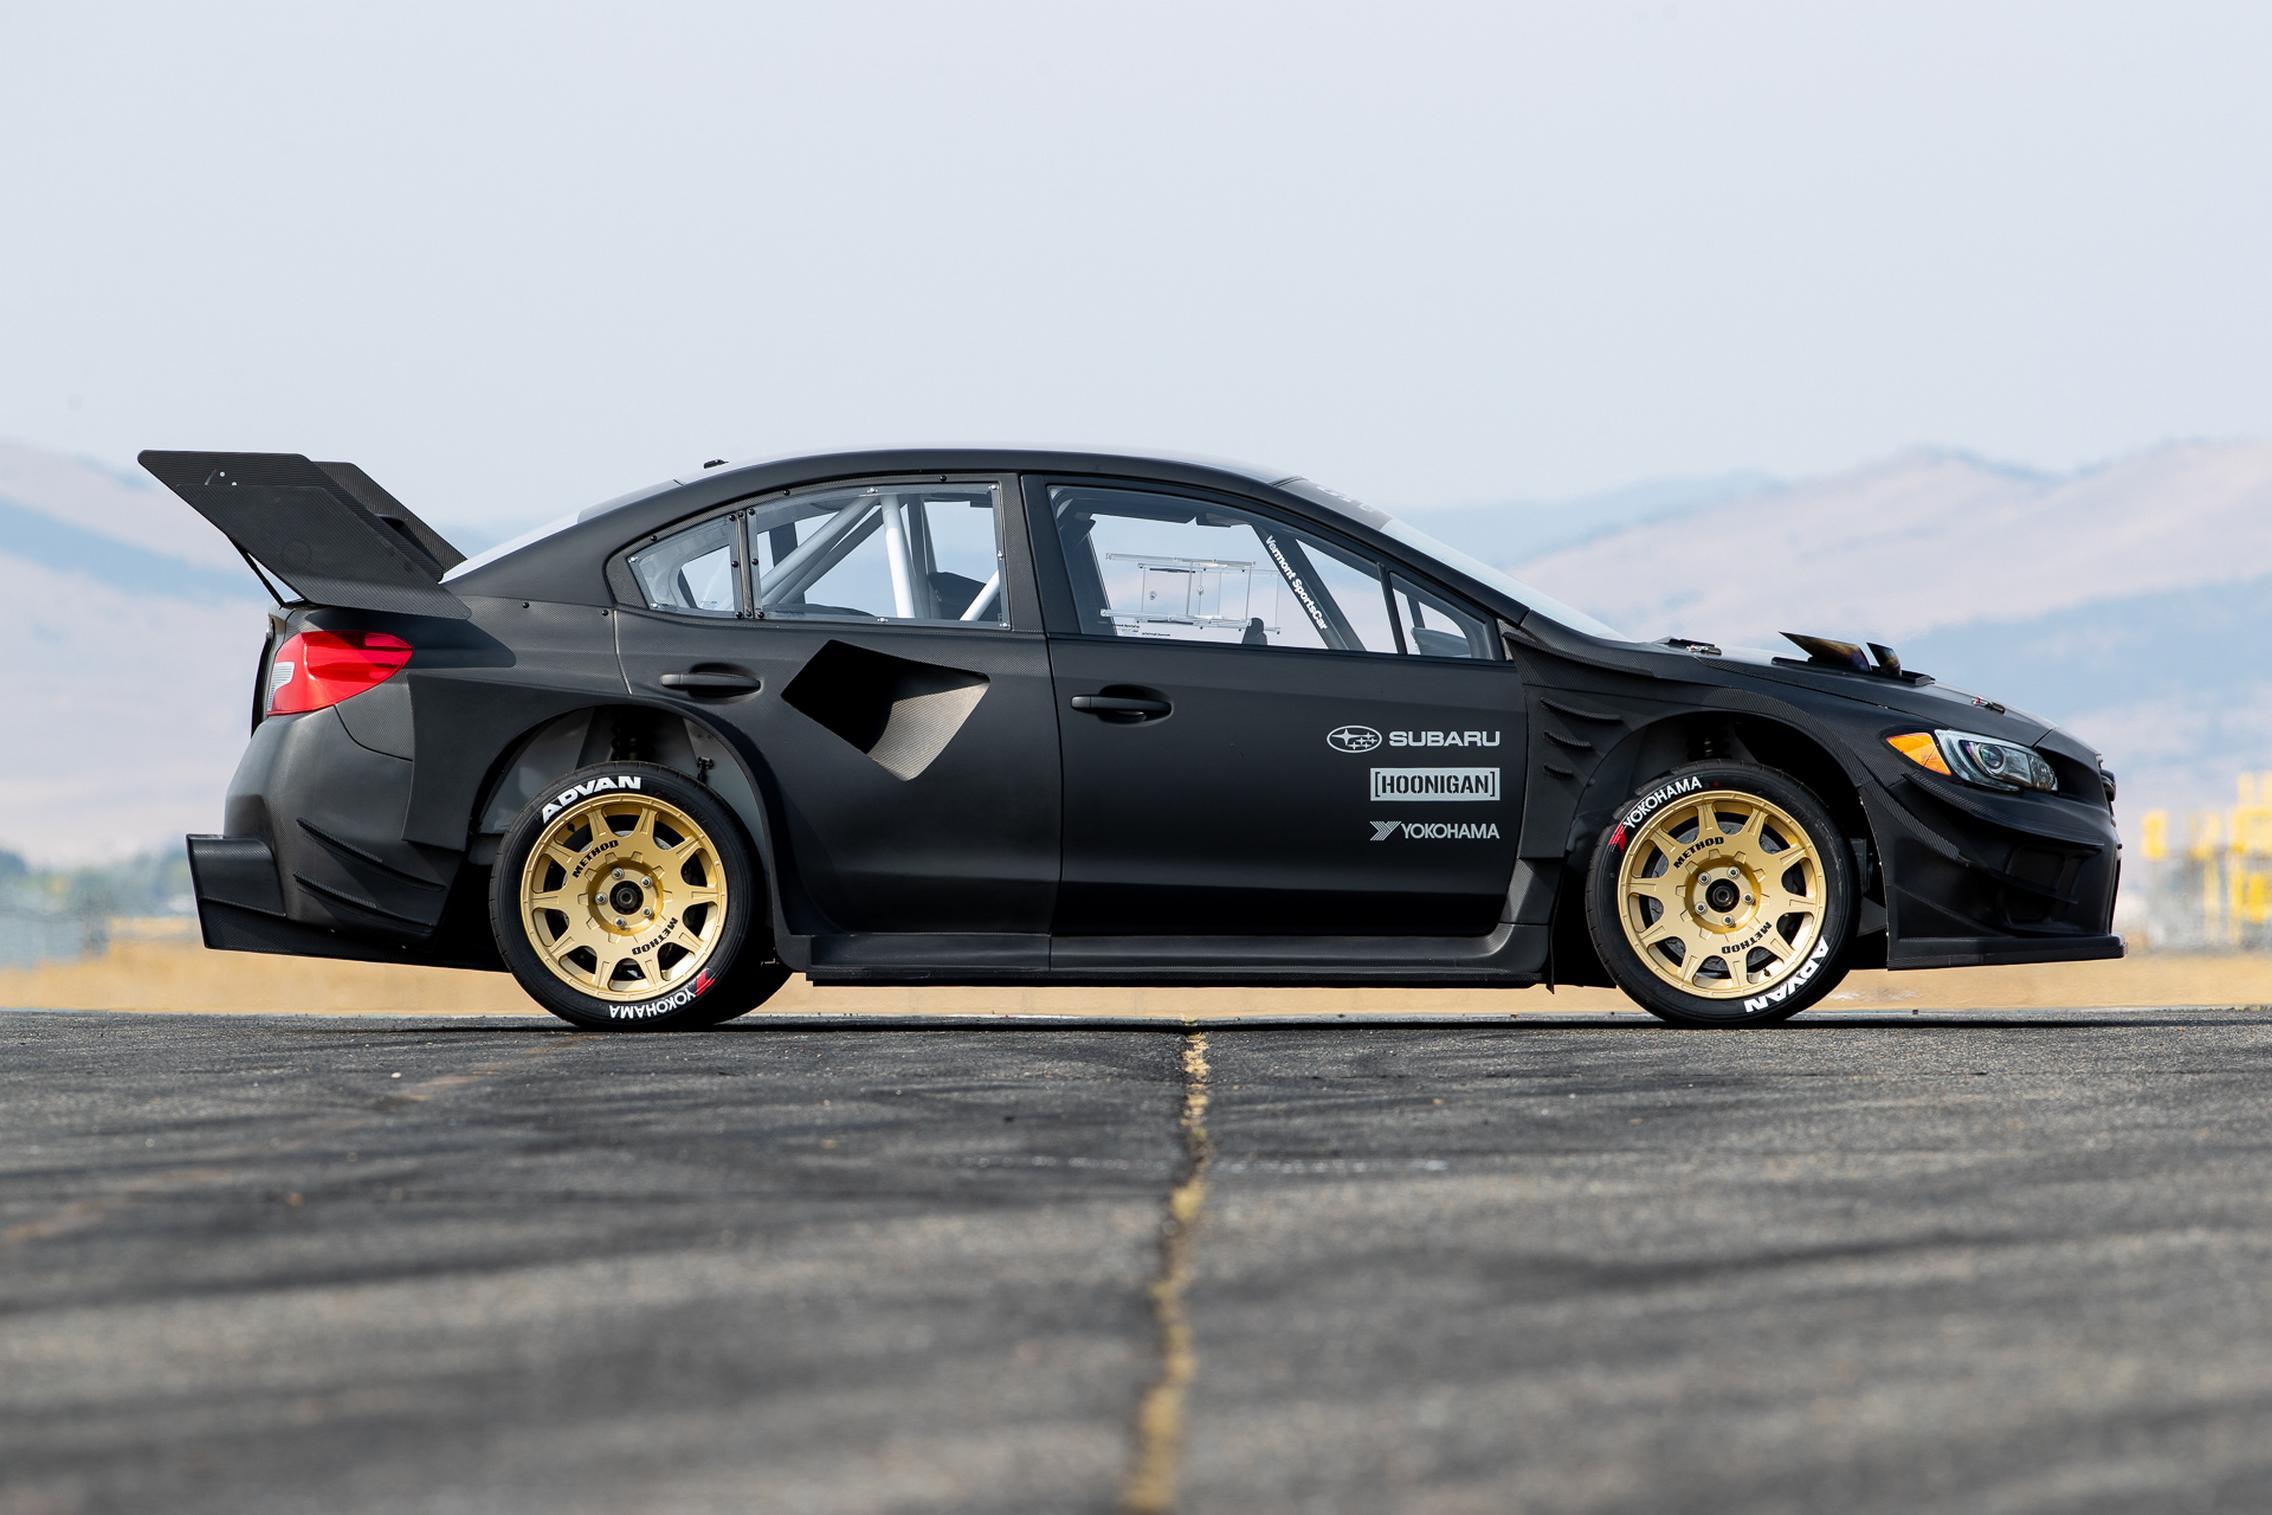 2020 Gymkhana Subaru WRX STI Side